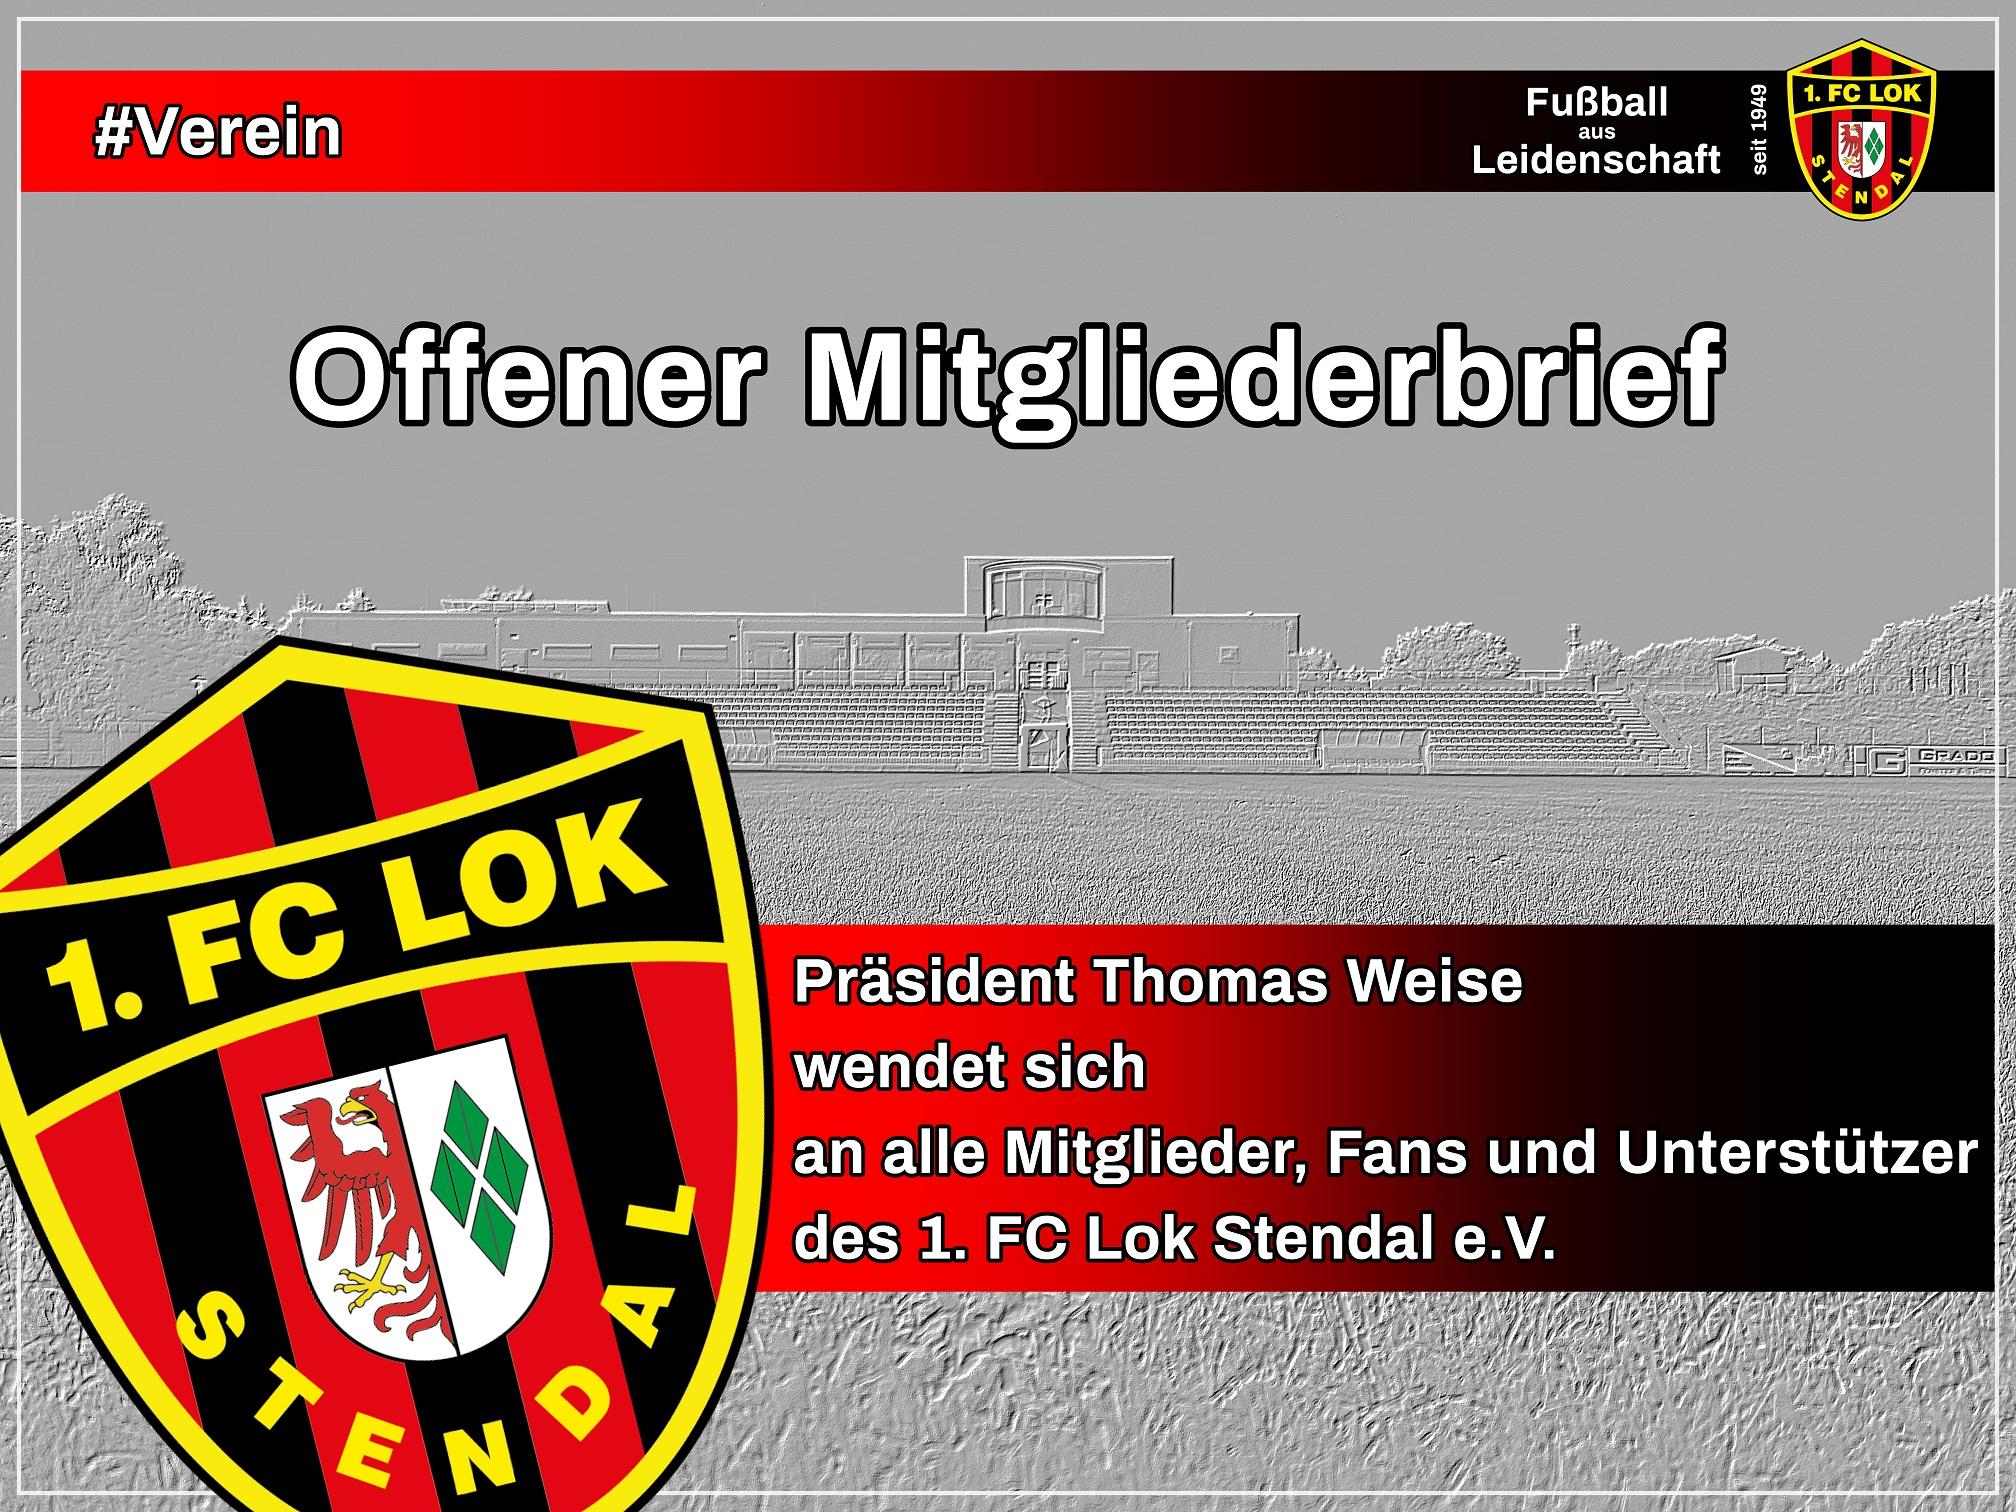 Offener Mitgliederbrief - 1. FC Lok Stendal